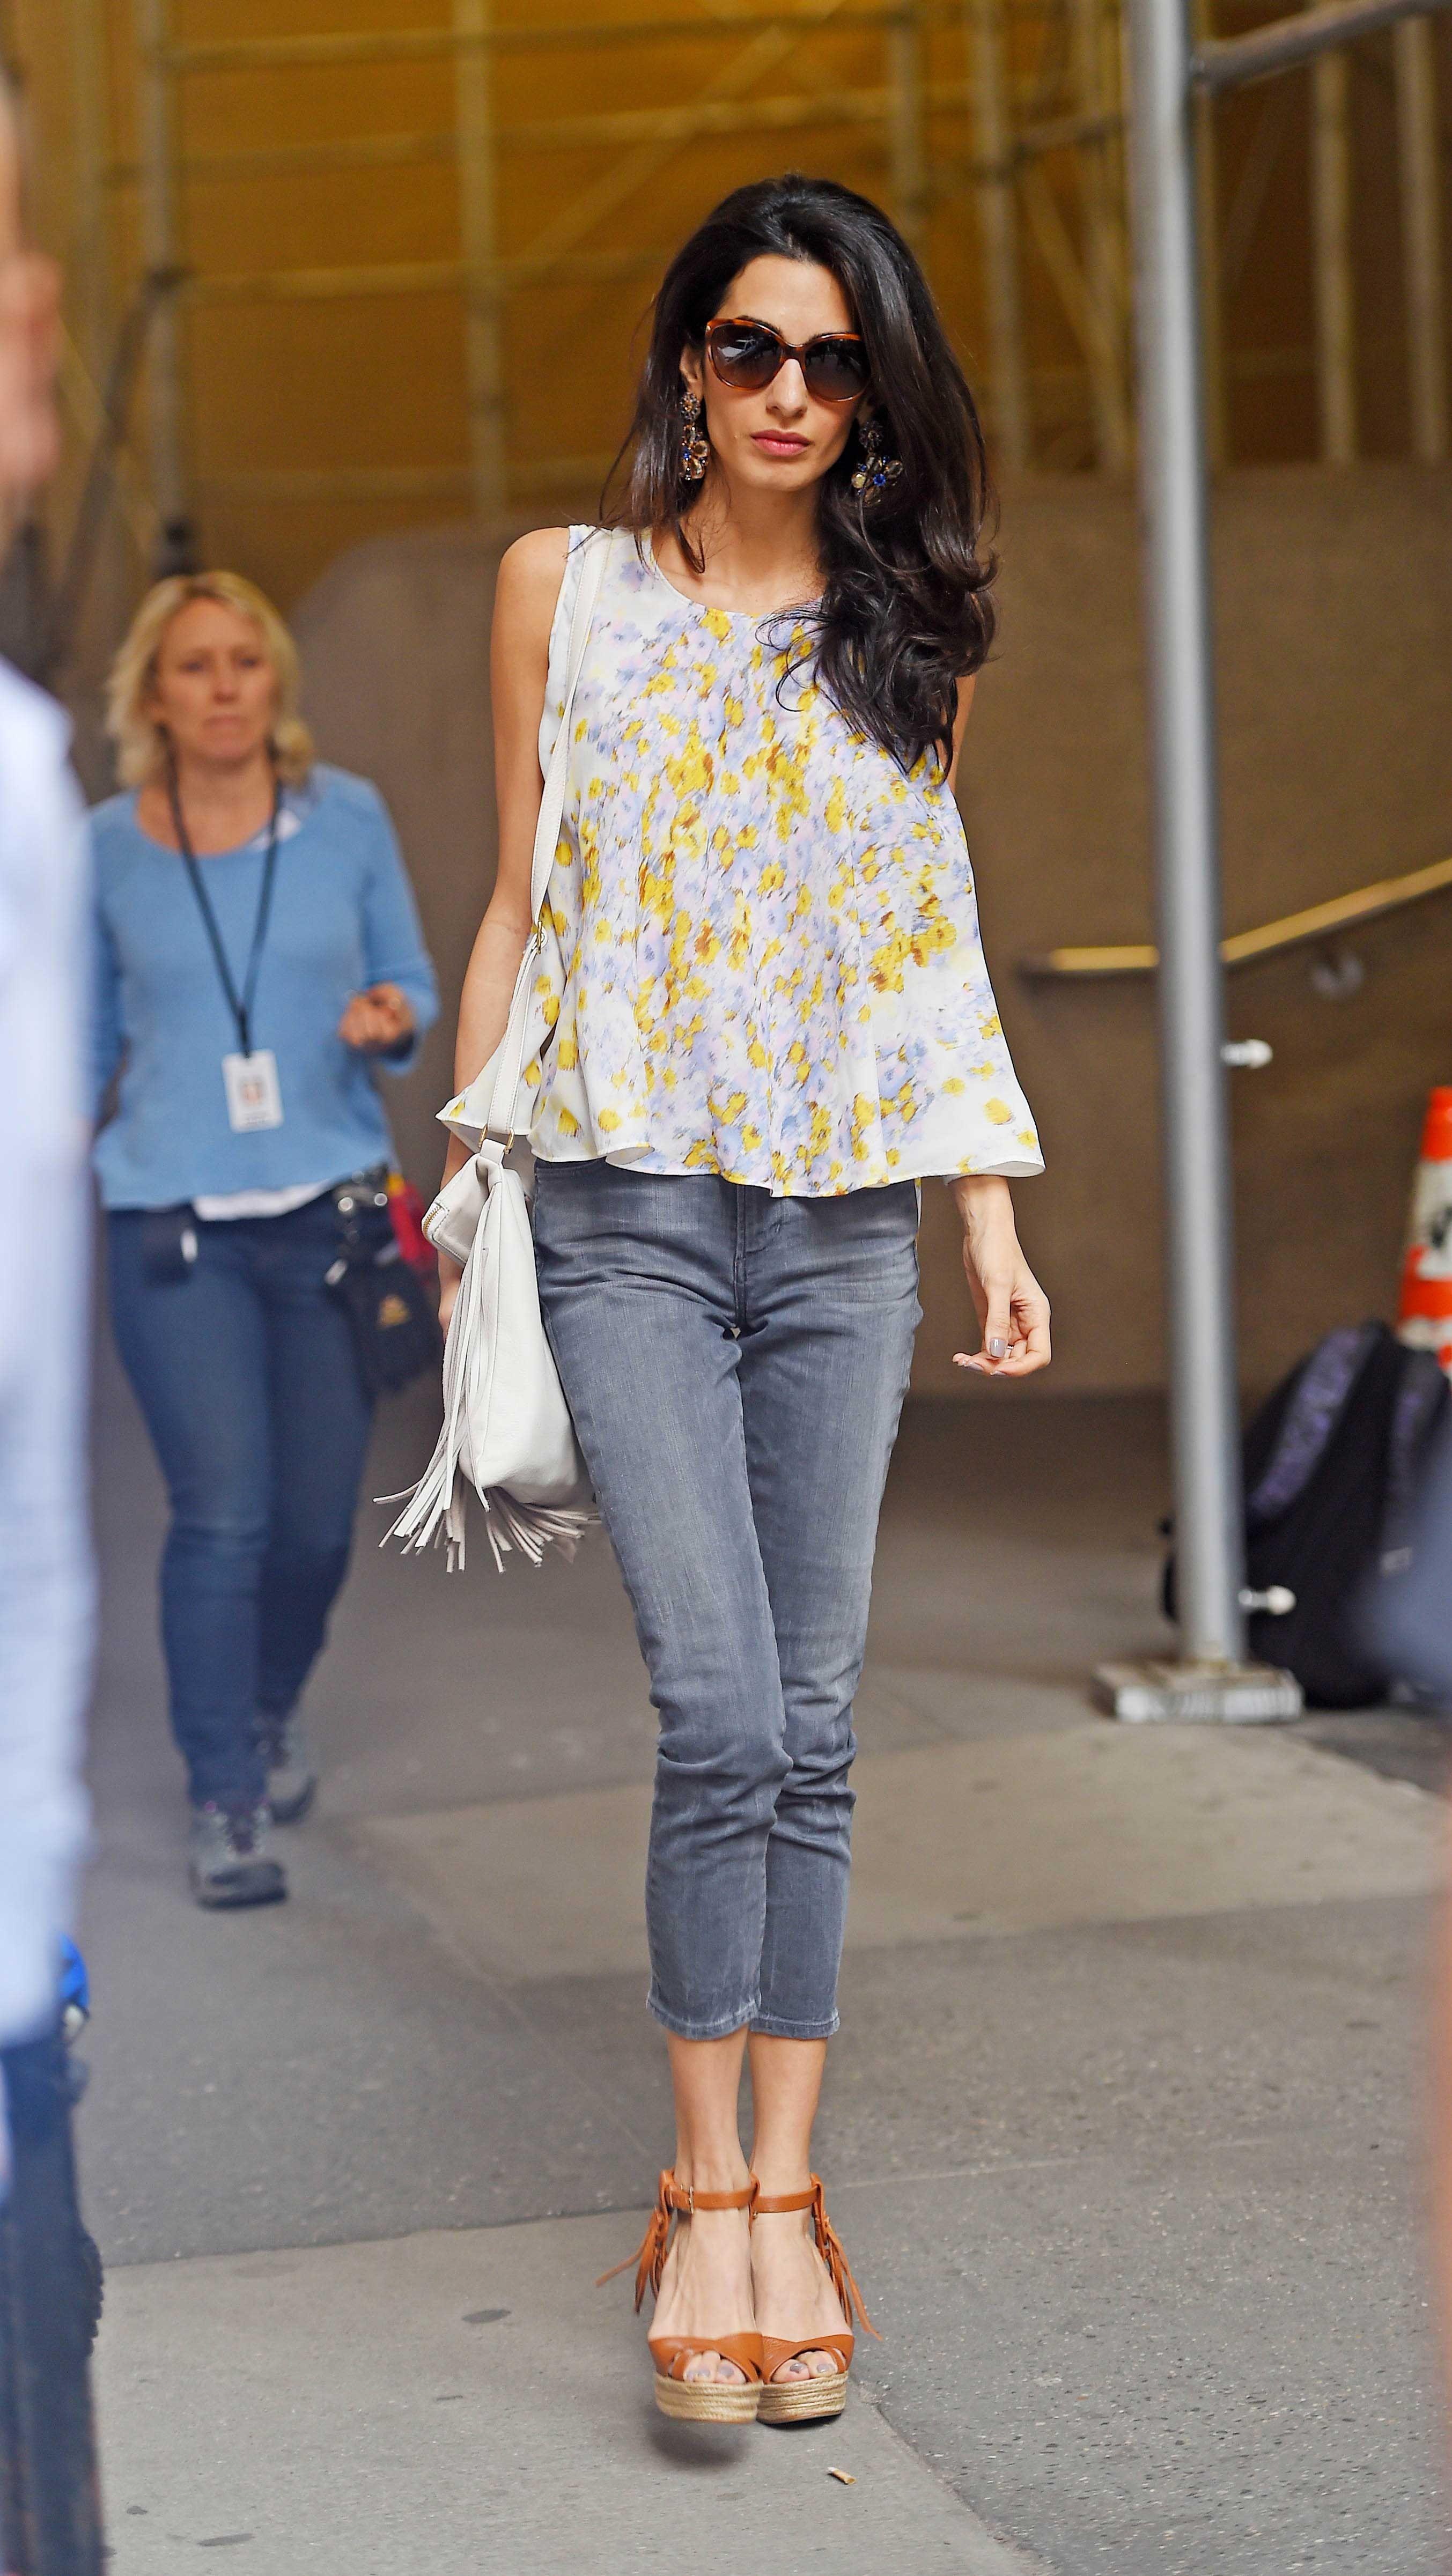 Amal Clooney Style - Photos of Amal Alamuddin's Best Fashion Looks